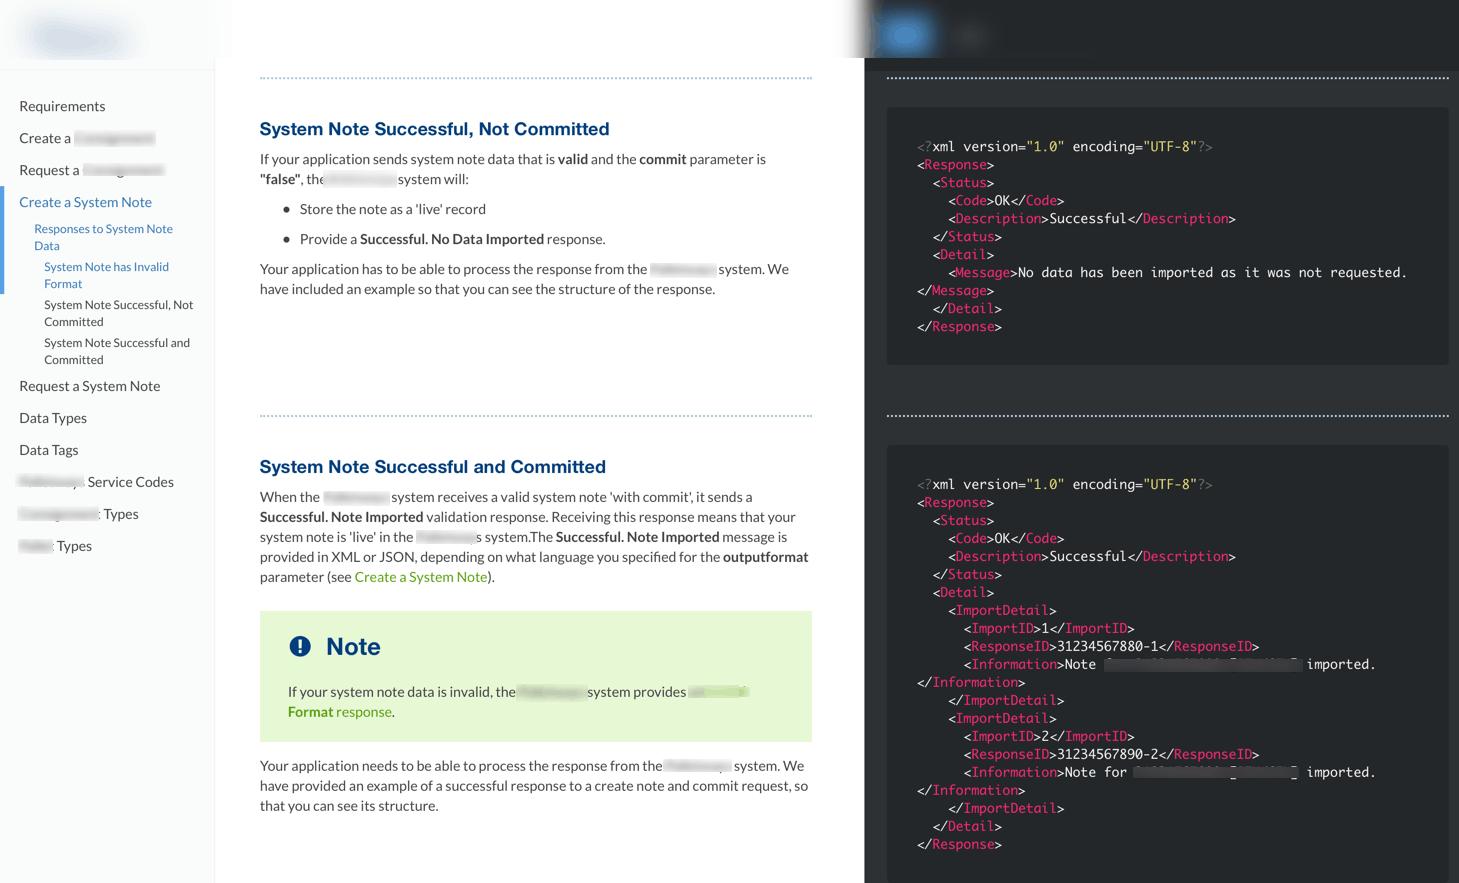 Example of API documentation